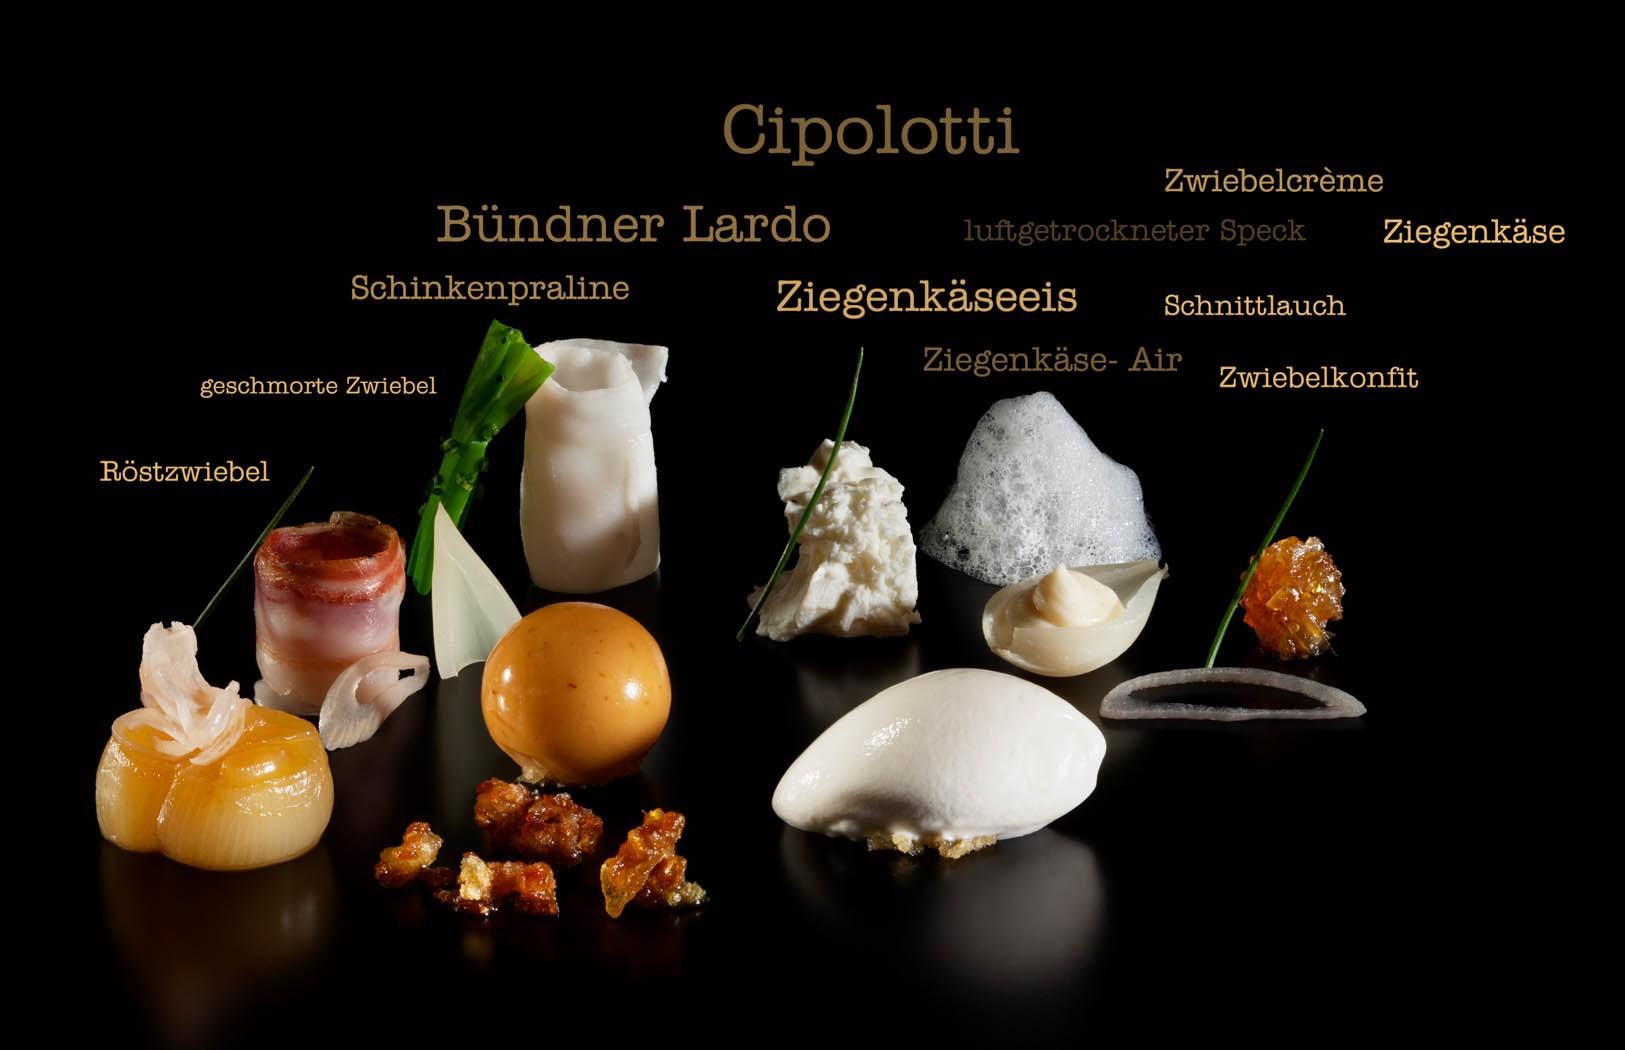 Signature Dish (1 von 1)